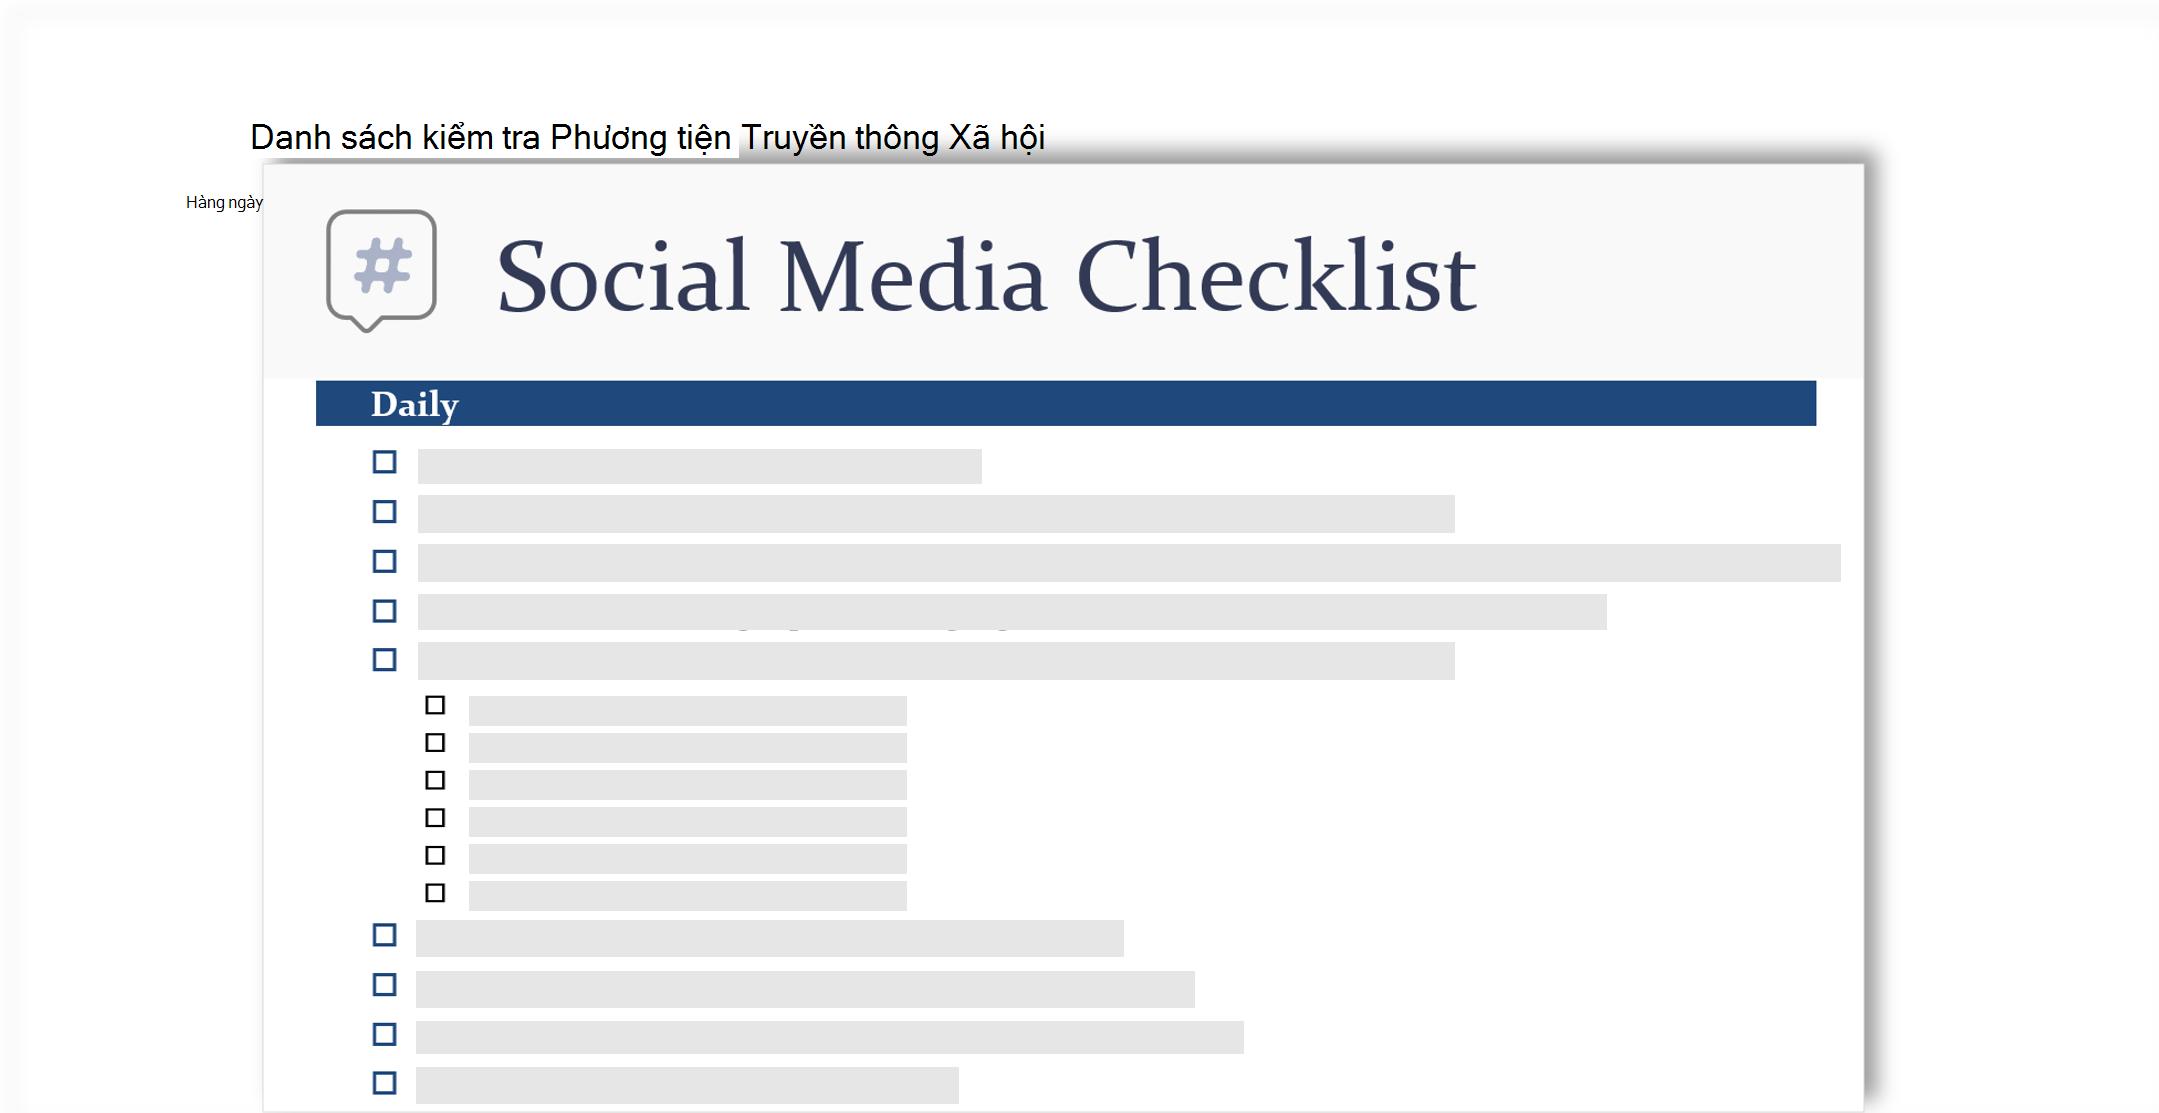 ảnh khái niệm của danh sách kiểm tra truyền thông xã hội